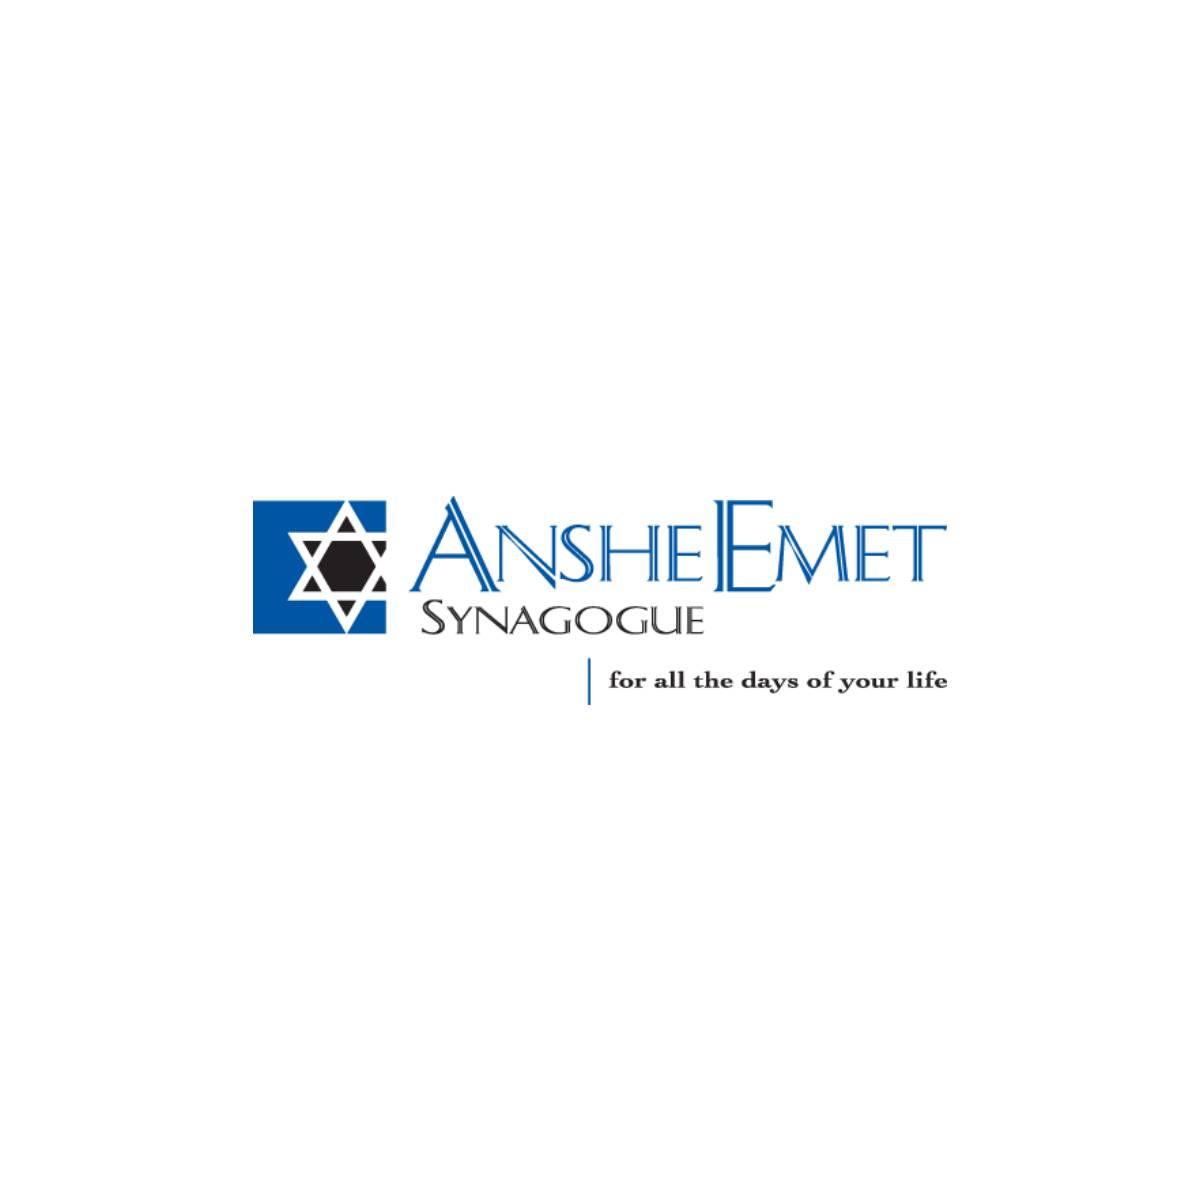 Anshe Emet image